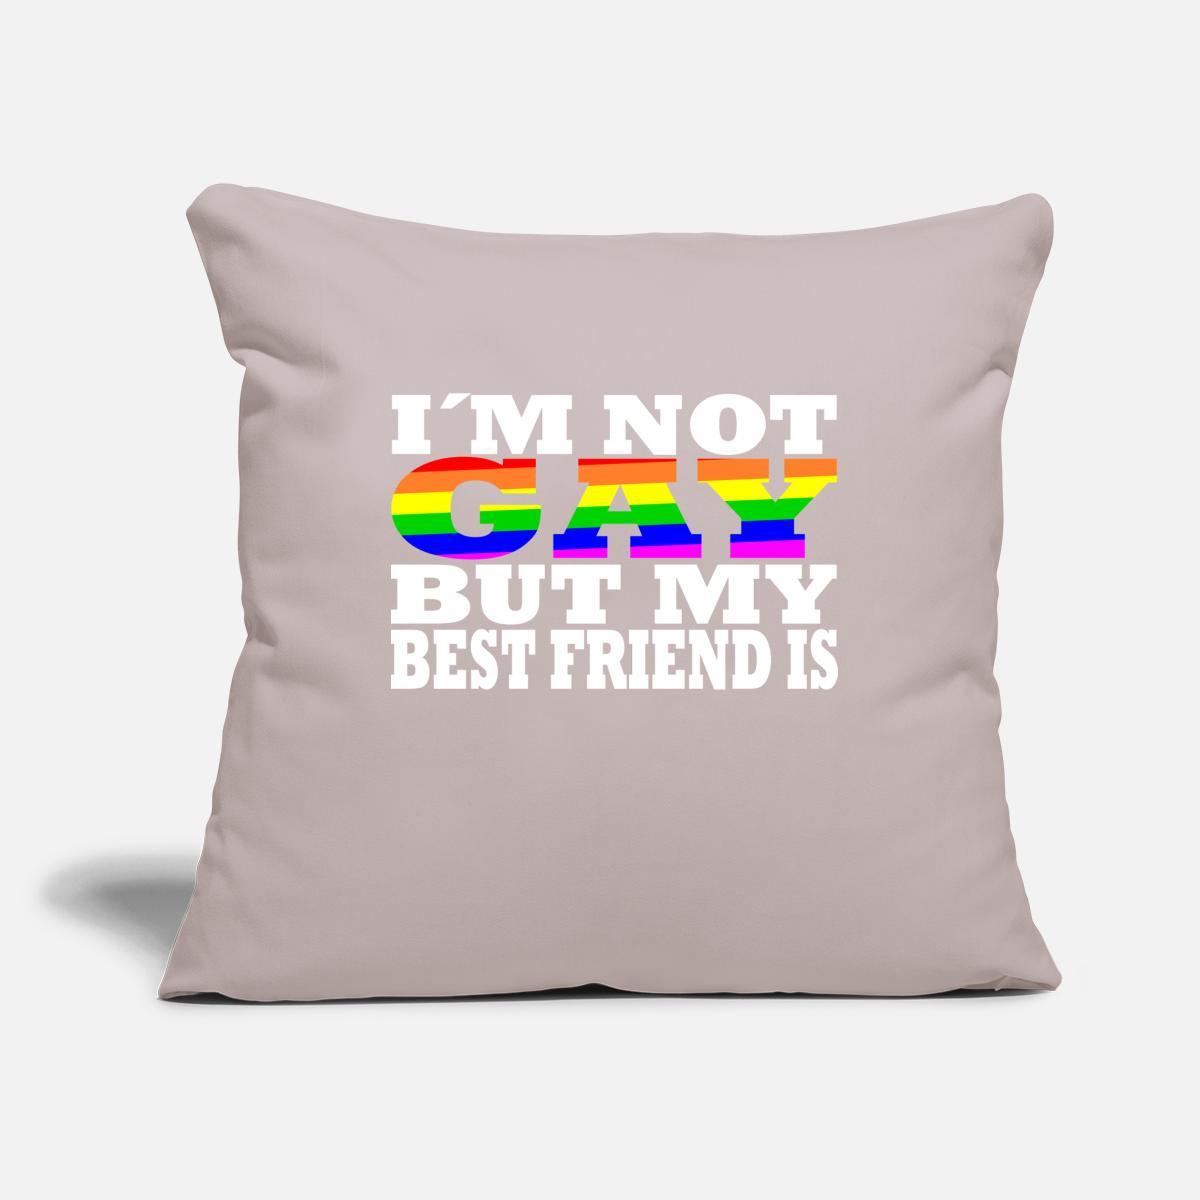 najlepszy przyjaciel gejów randki aspie człowiek